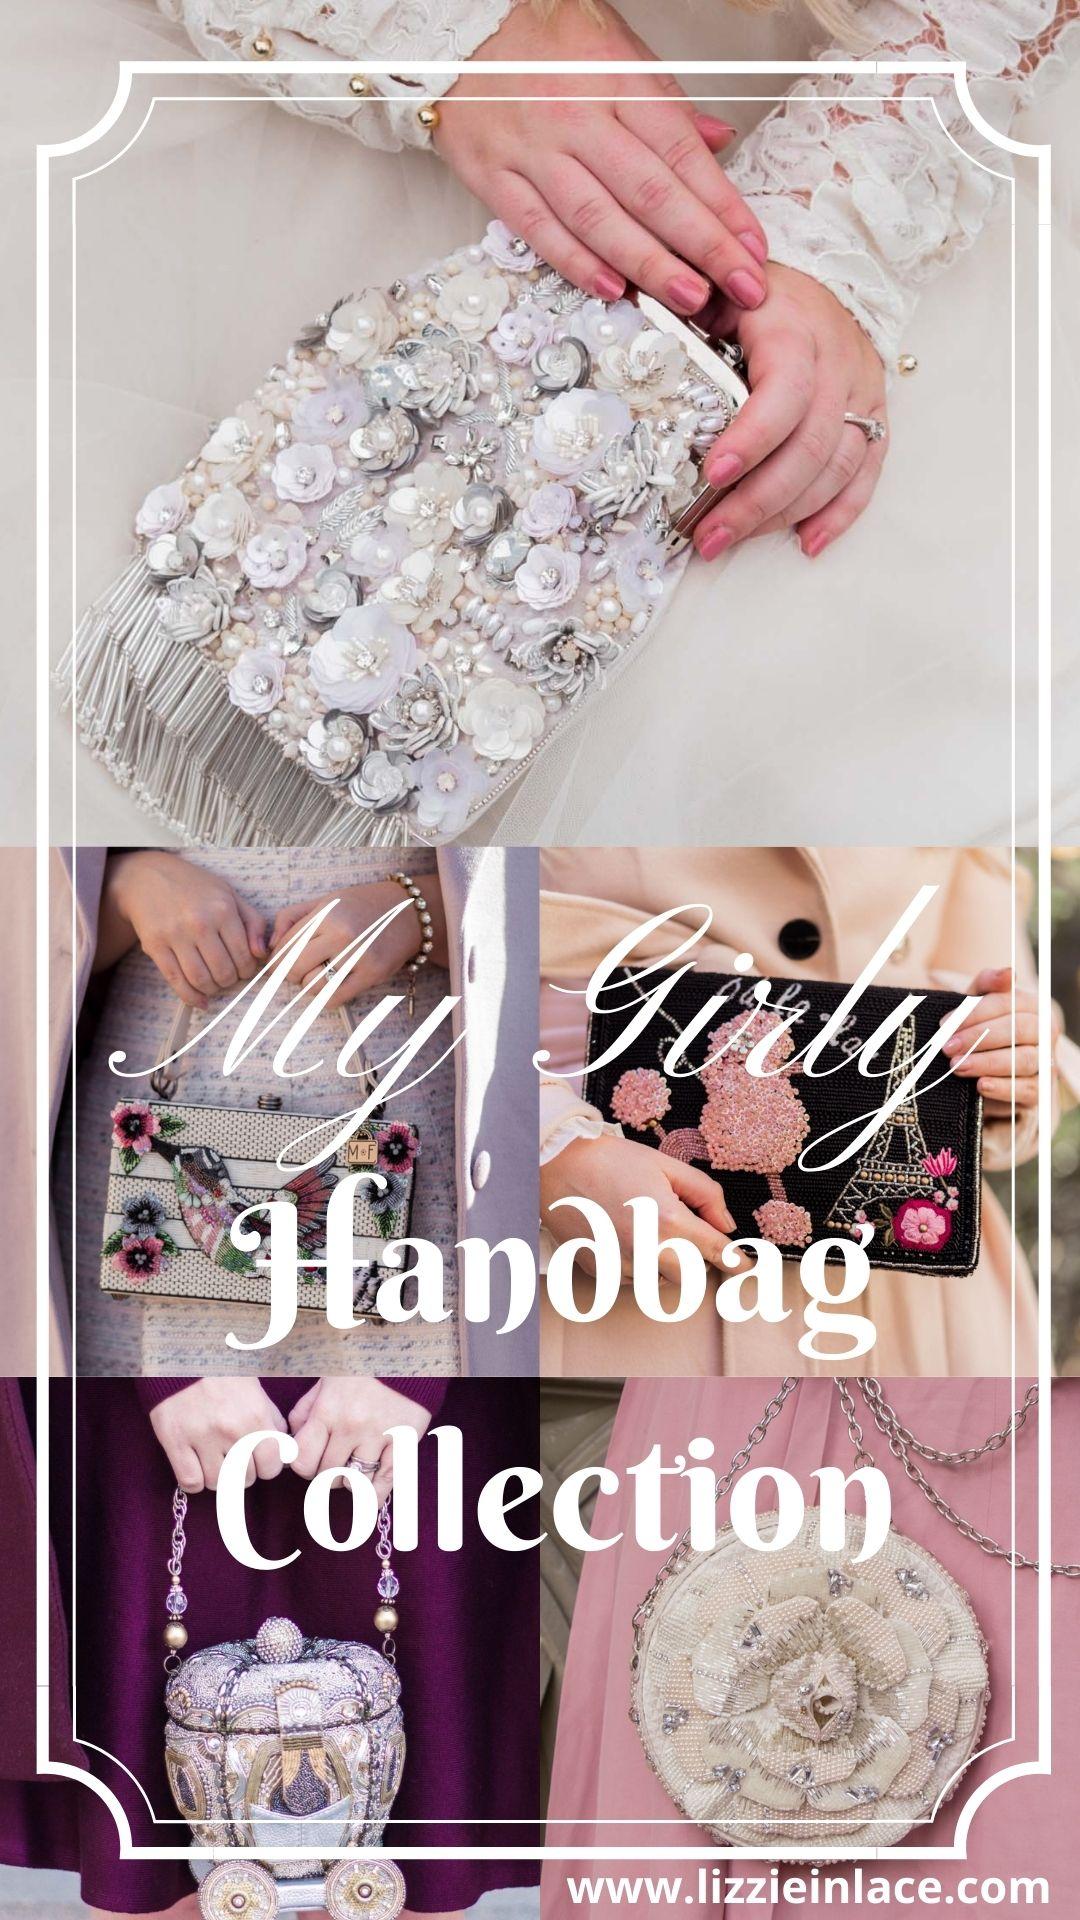 Fashion Blogger Elizabeth Hugen of Lizzie in Lace shares her Mary Frances designer handbag collection